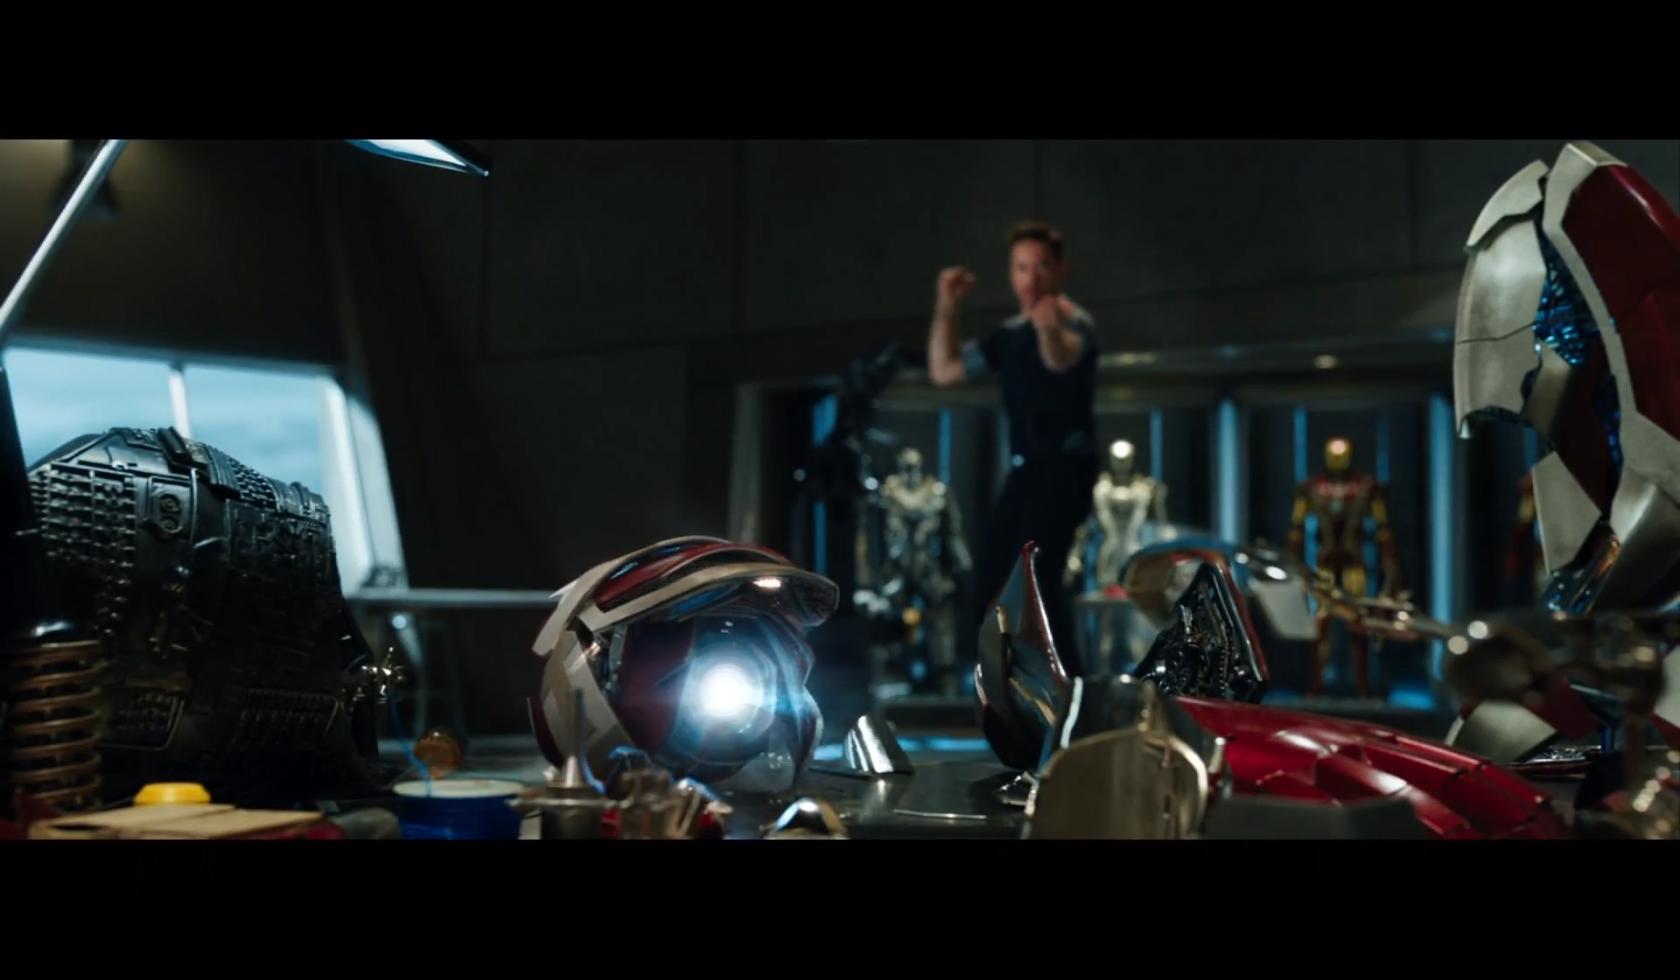 Iron Man Extremis Armor Iron Man 3 Iron-man-3-extremis-armor